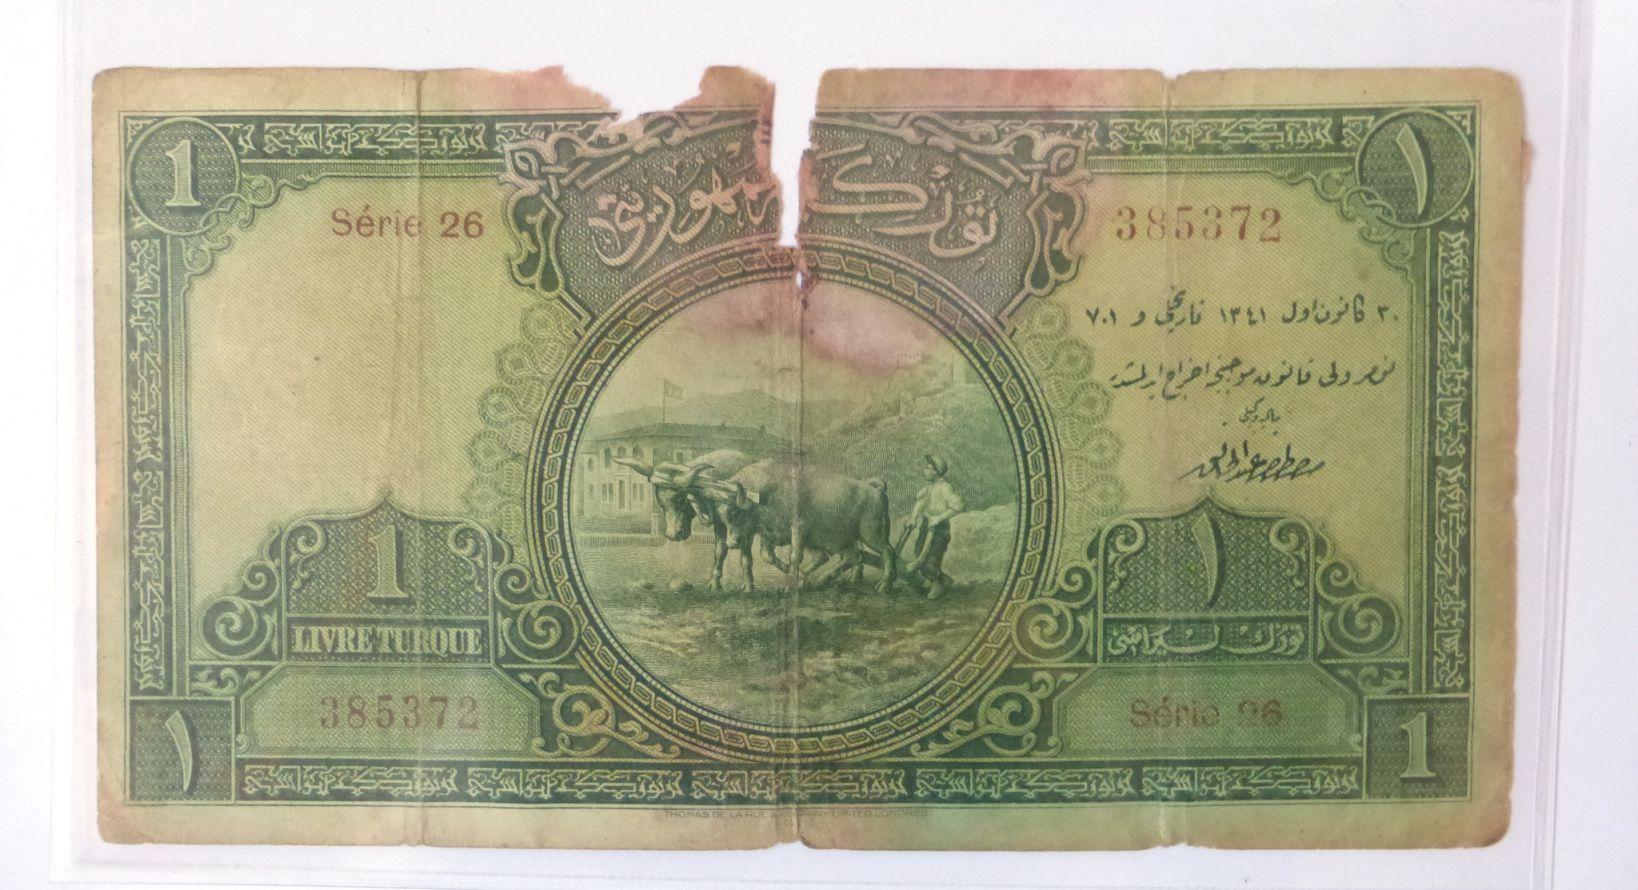 שטר לירה טורקית 1391 (1926) פגום, מצב Fair